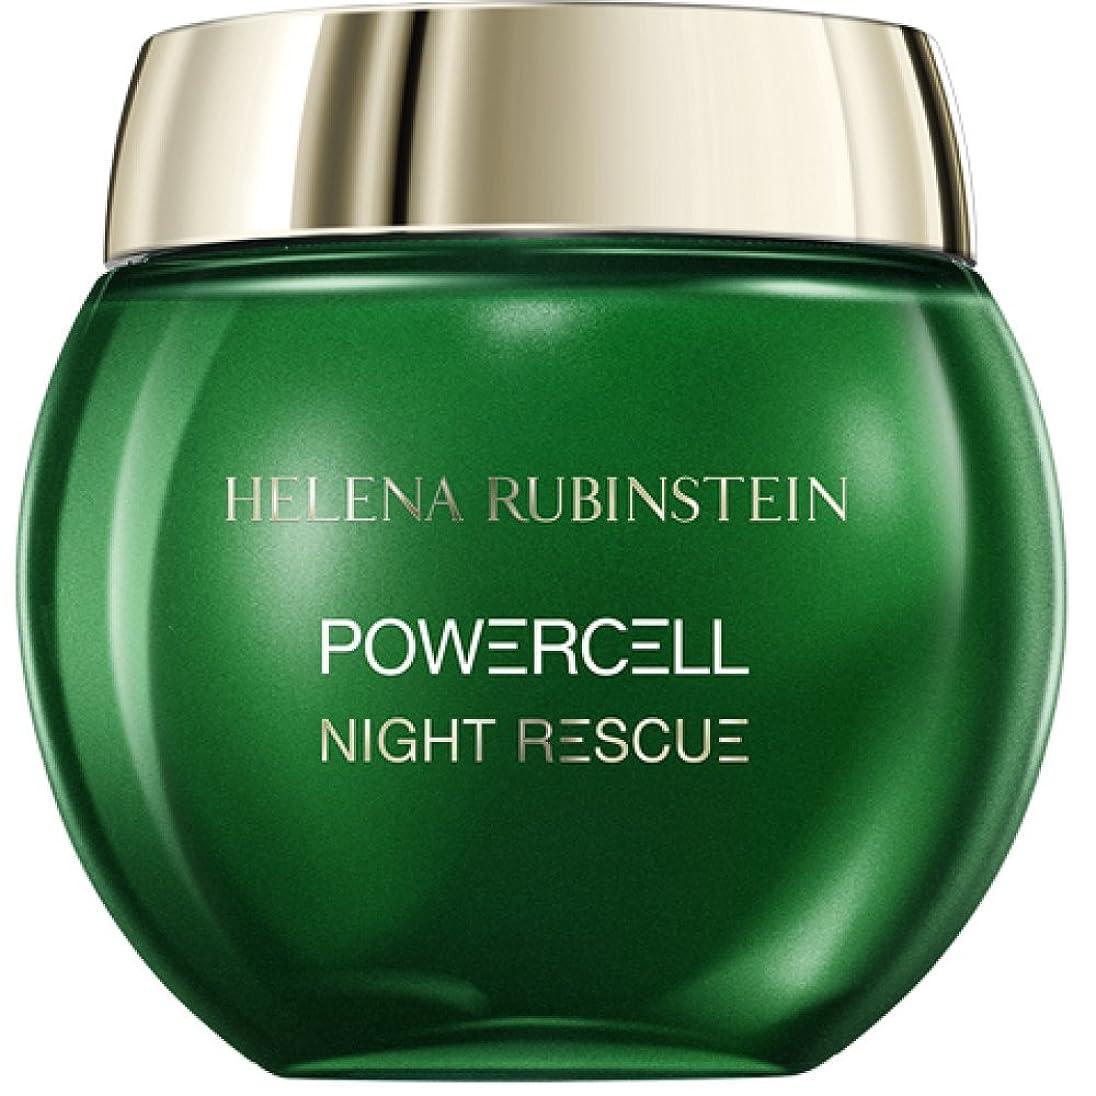 同等の雰囲気任命ヘレナルビンスタイン Powercell Night Rescue Cream-In-Mousse 50ml/1.74oz並行輸入品